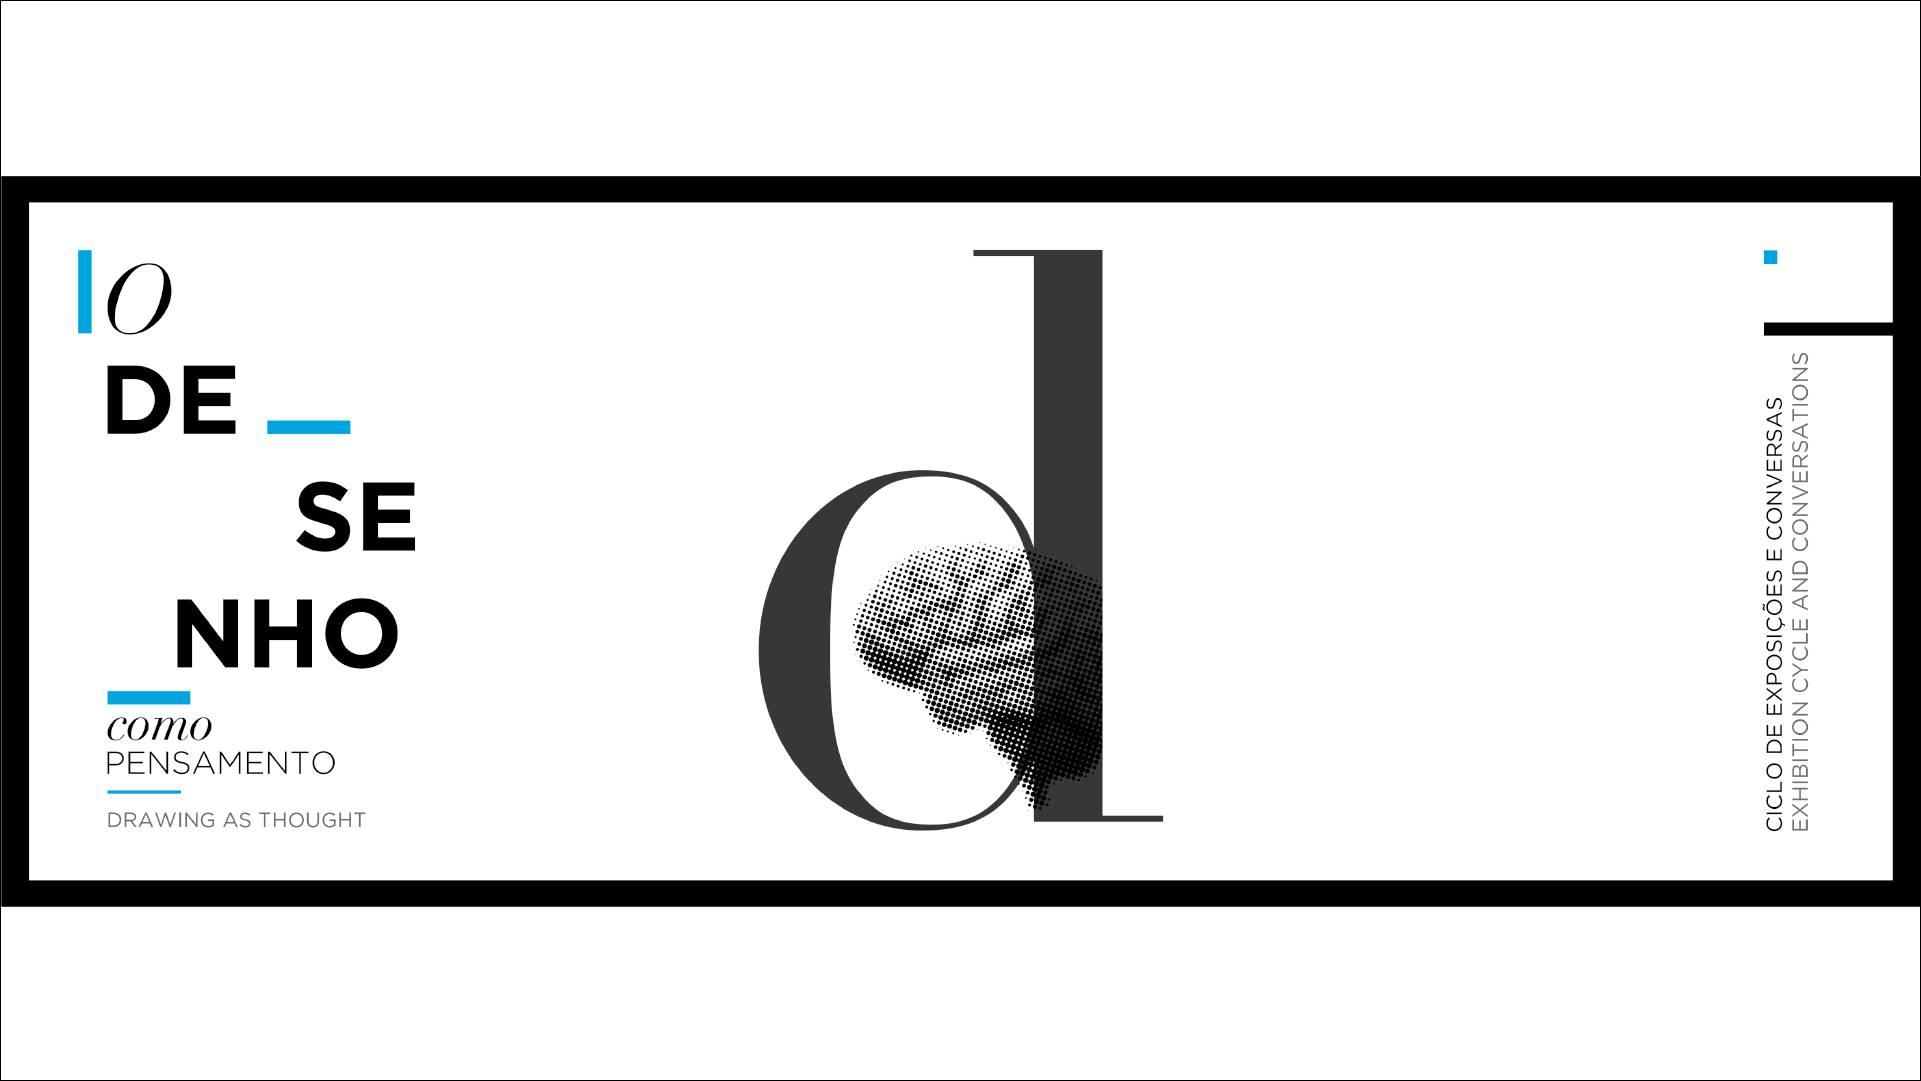 O Desenho como prática artística: Conversa   O Desenho como Pensamento